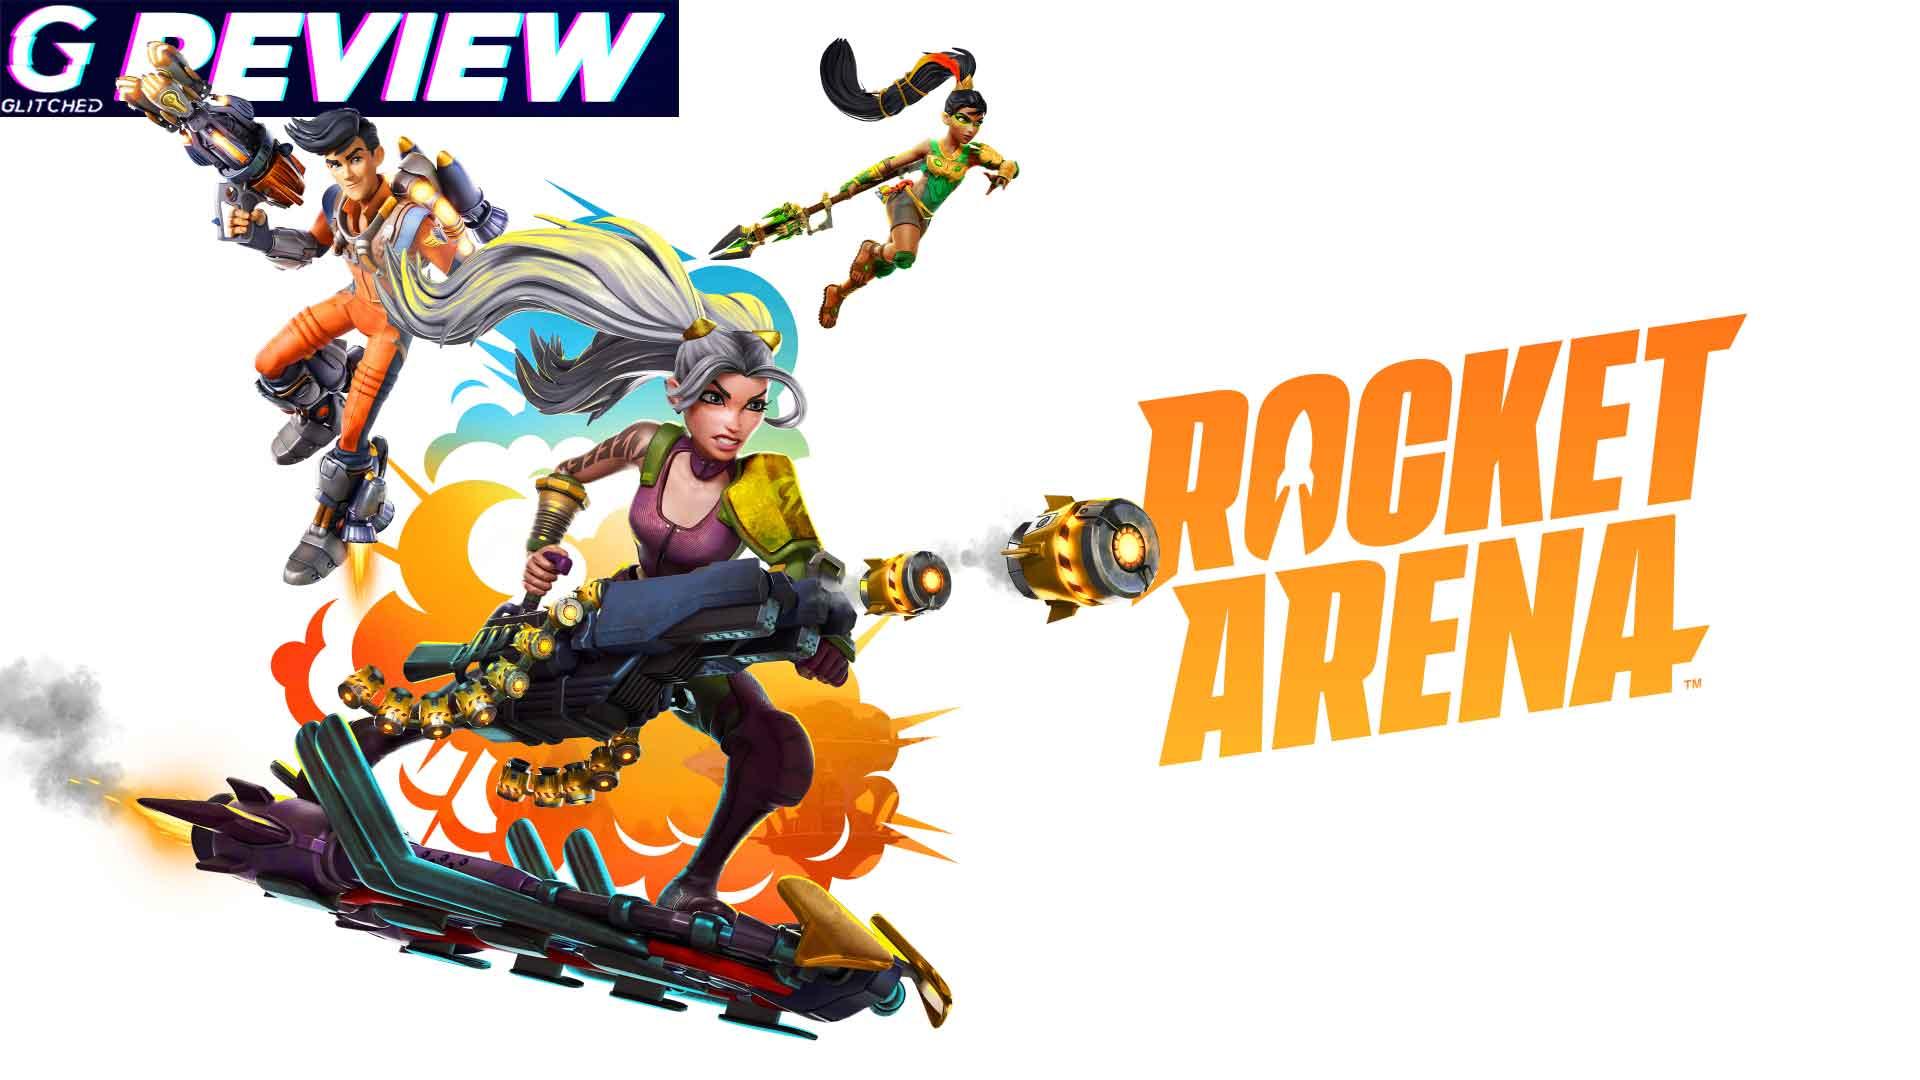 Rocket Arena Review - Super Quakerwatch Bros.